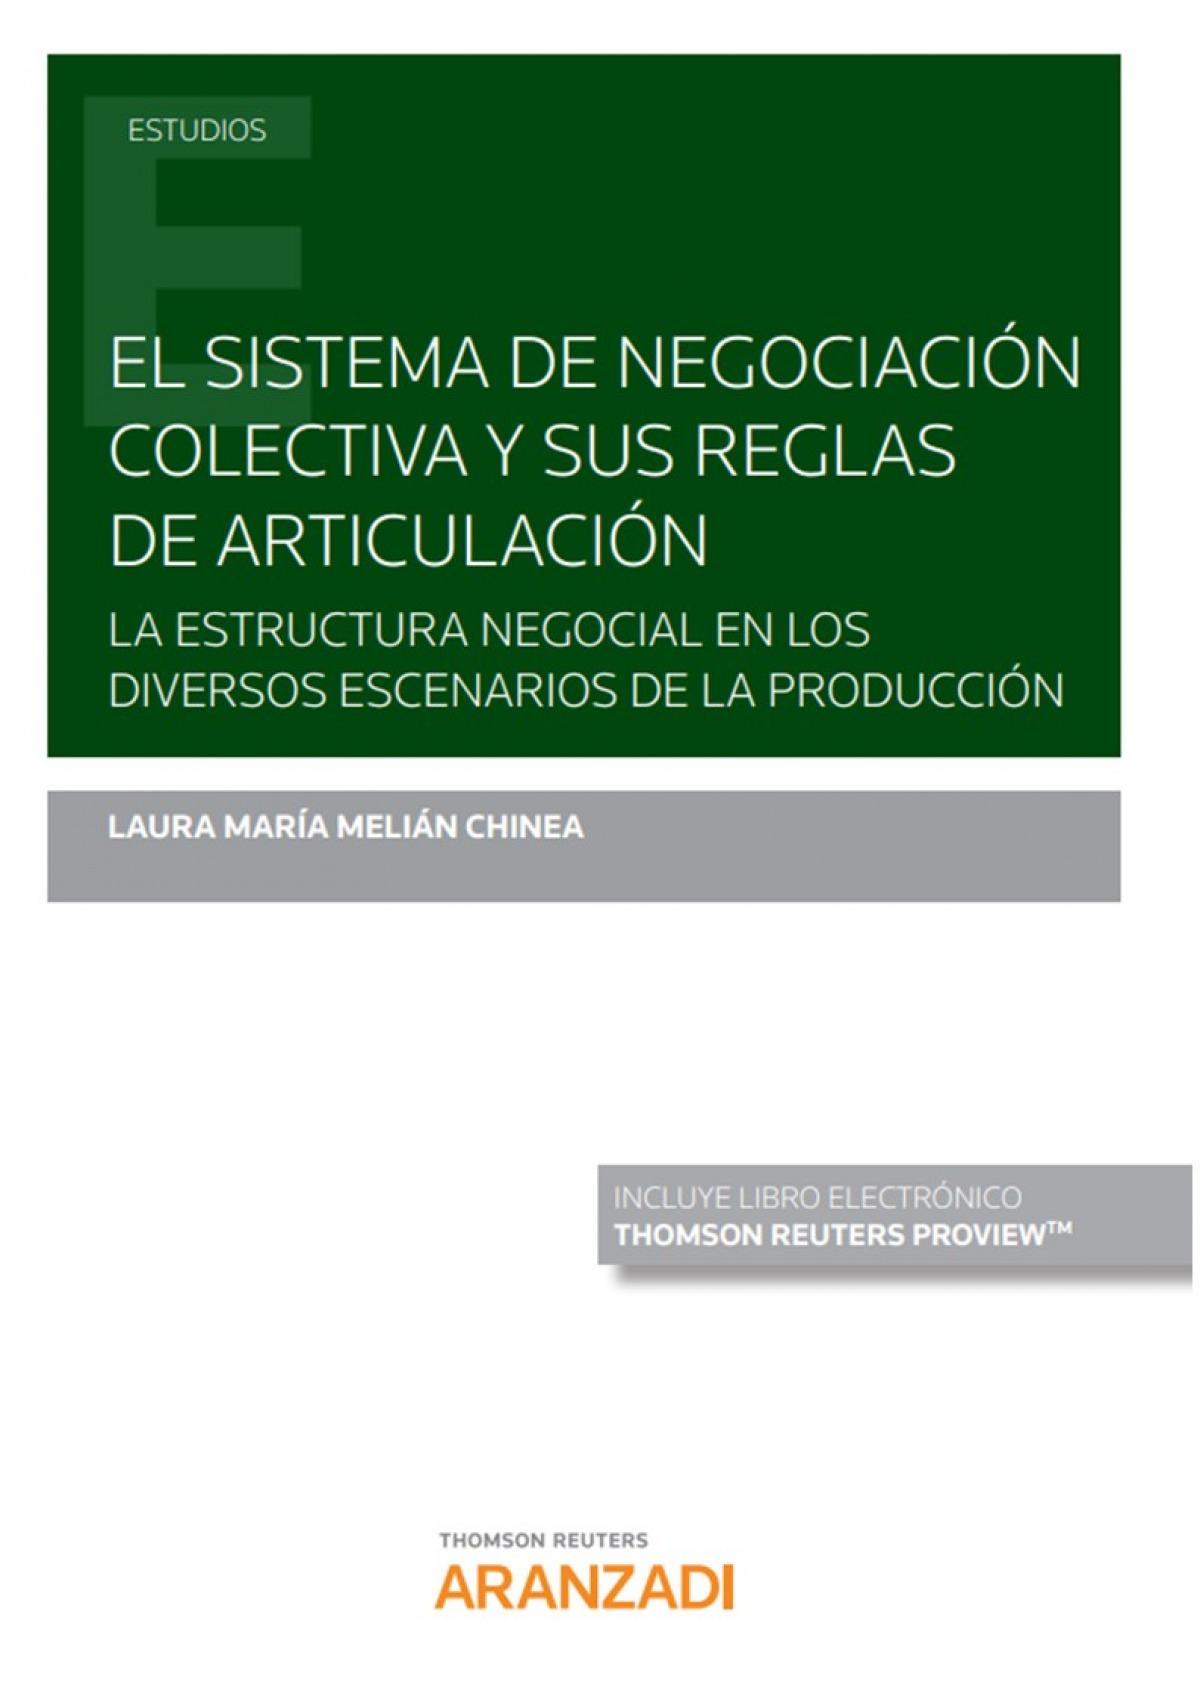 El sistema de negociación colectiva y sus reglas de articulación (Papel + e-book) 9788